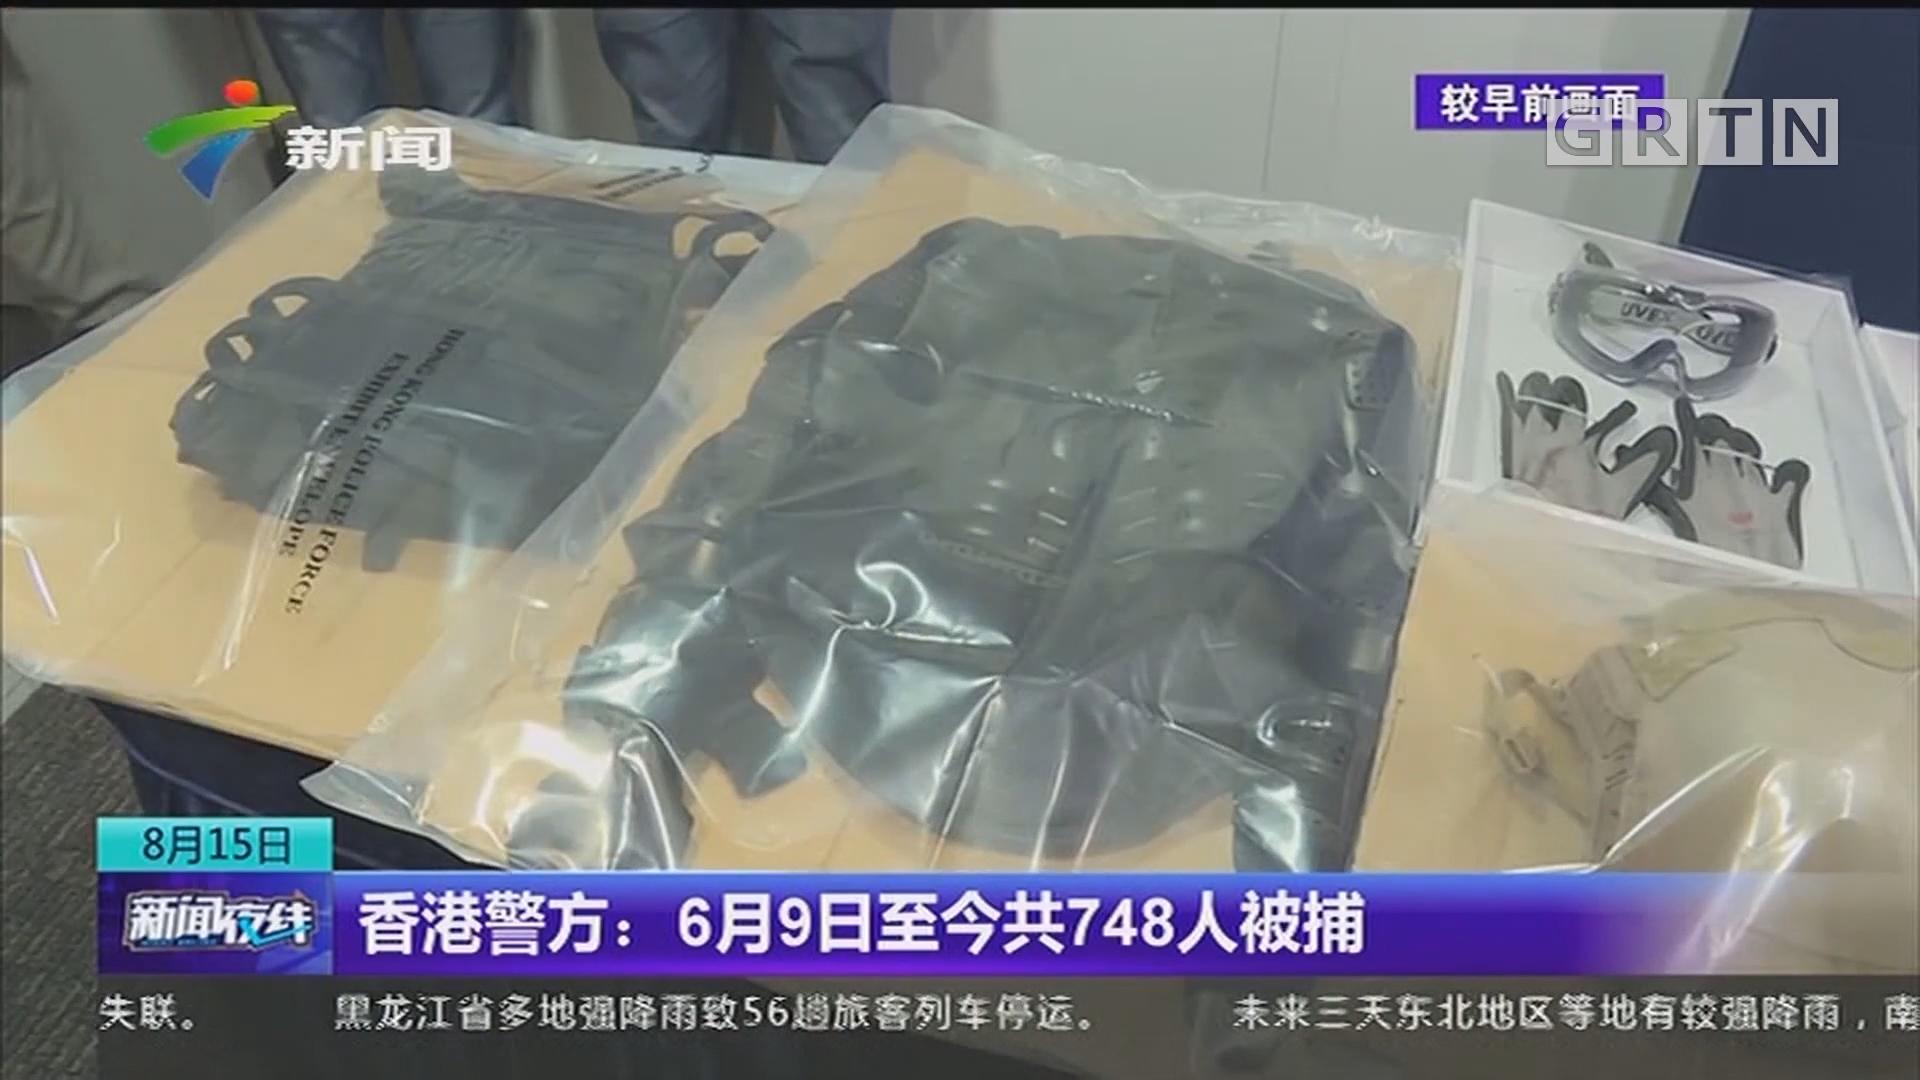 香港警方:6月9日至今共748人被捕